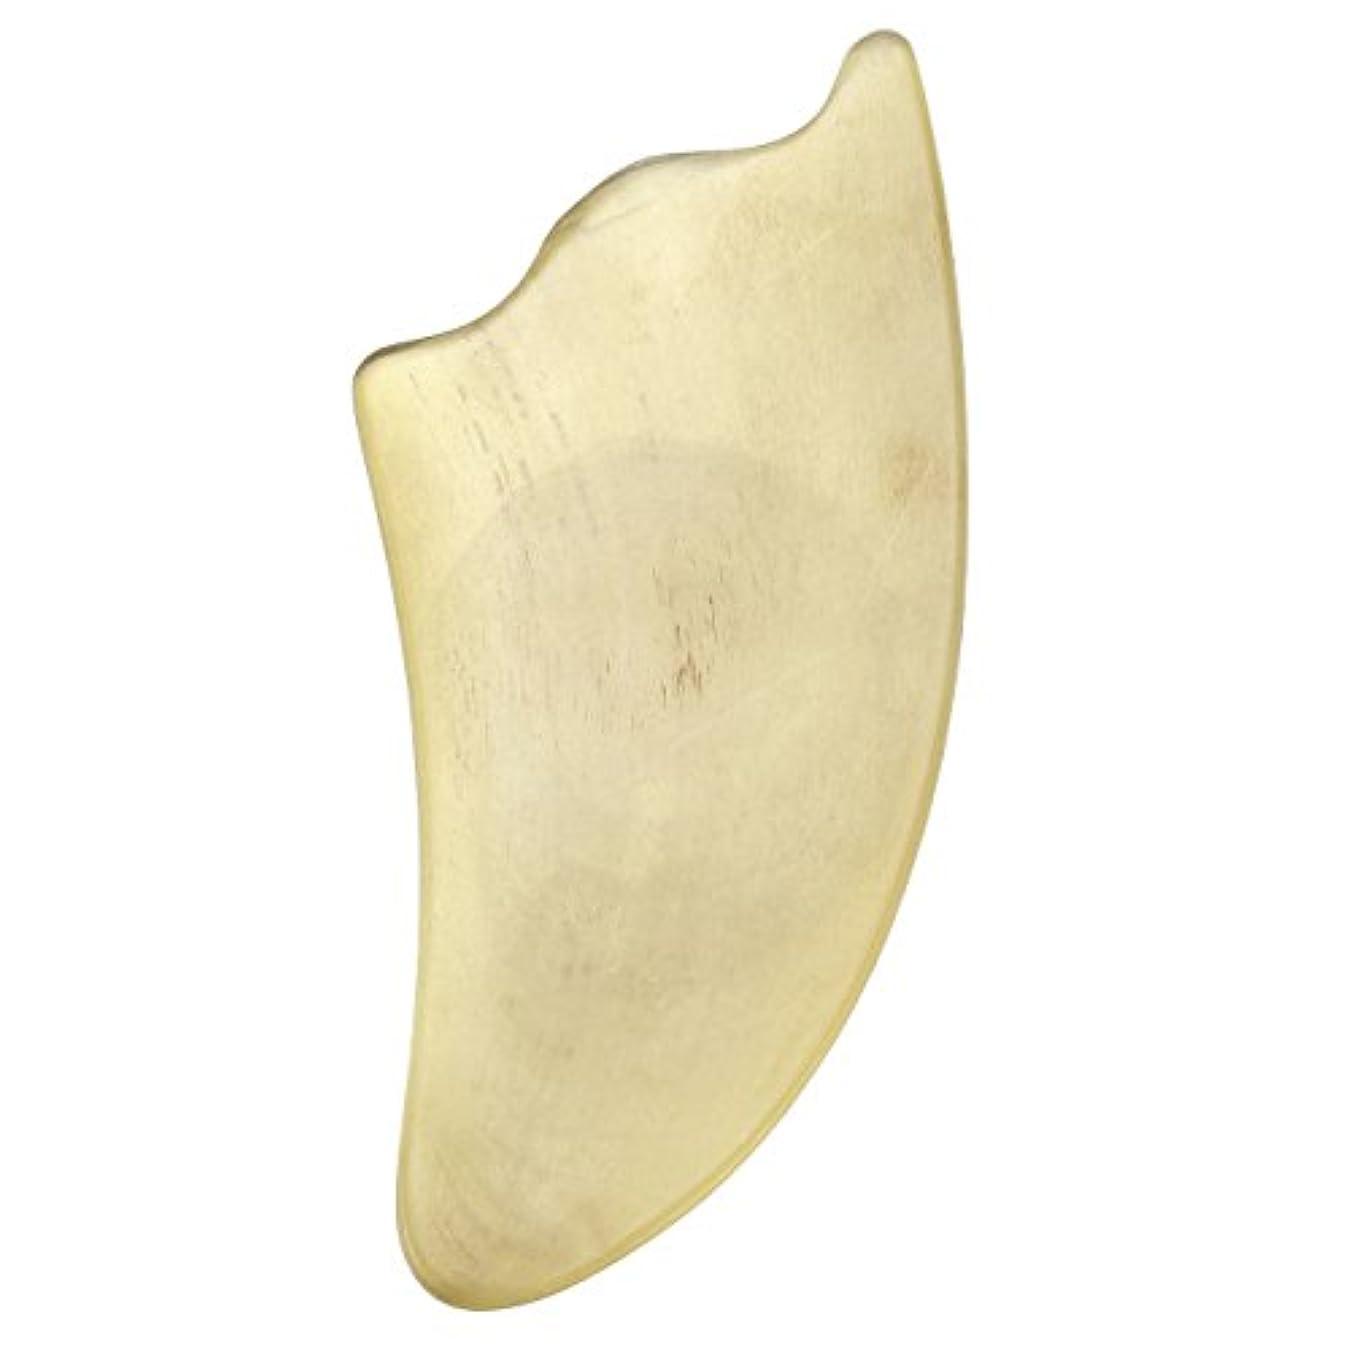 ガロン解決スパークJovivi Mak カッサリフトプレート 黄色 牛角 パワーストーン カッサ板 美顔 カッサボード カッサマッサージ道具 ギフトバッグを提供 (三角形)